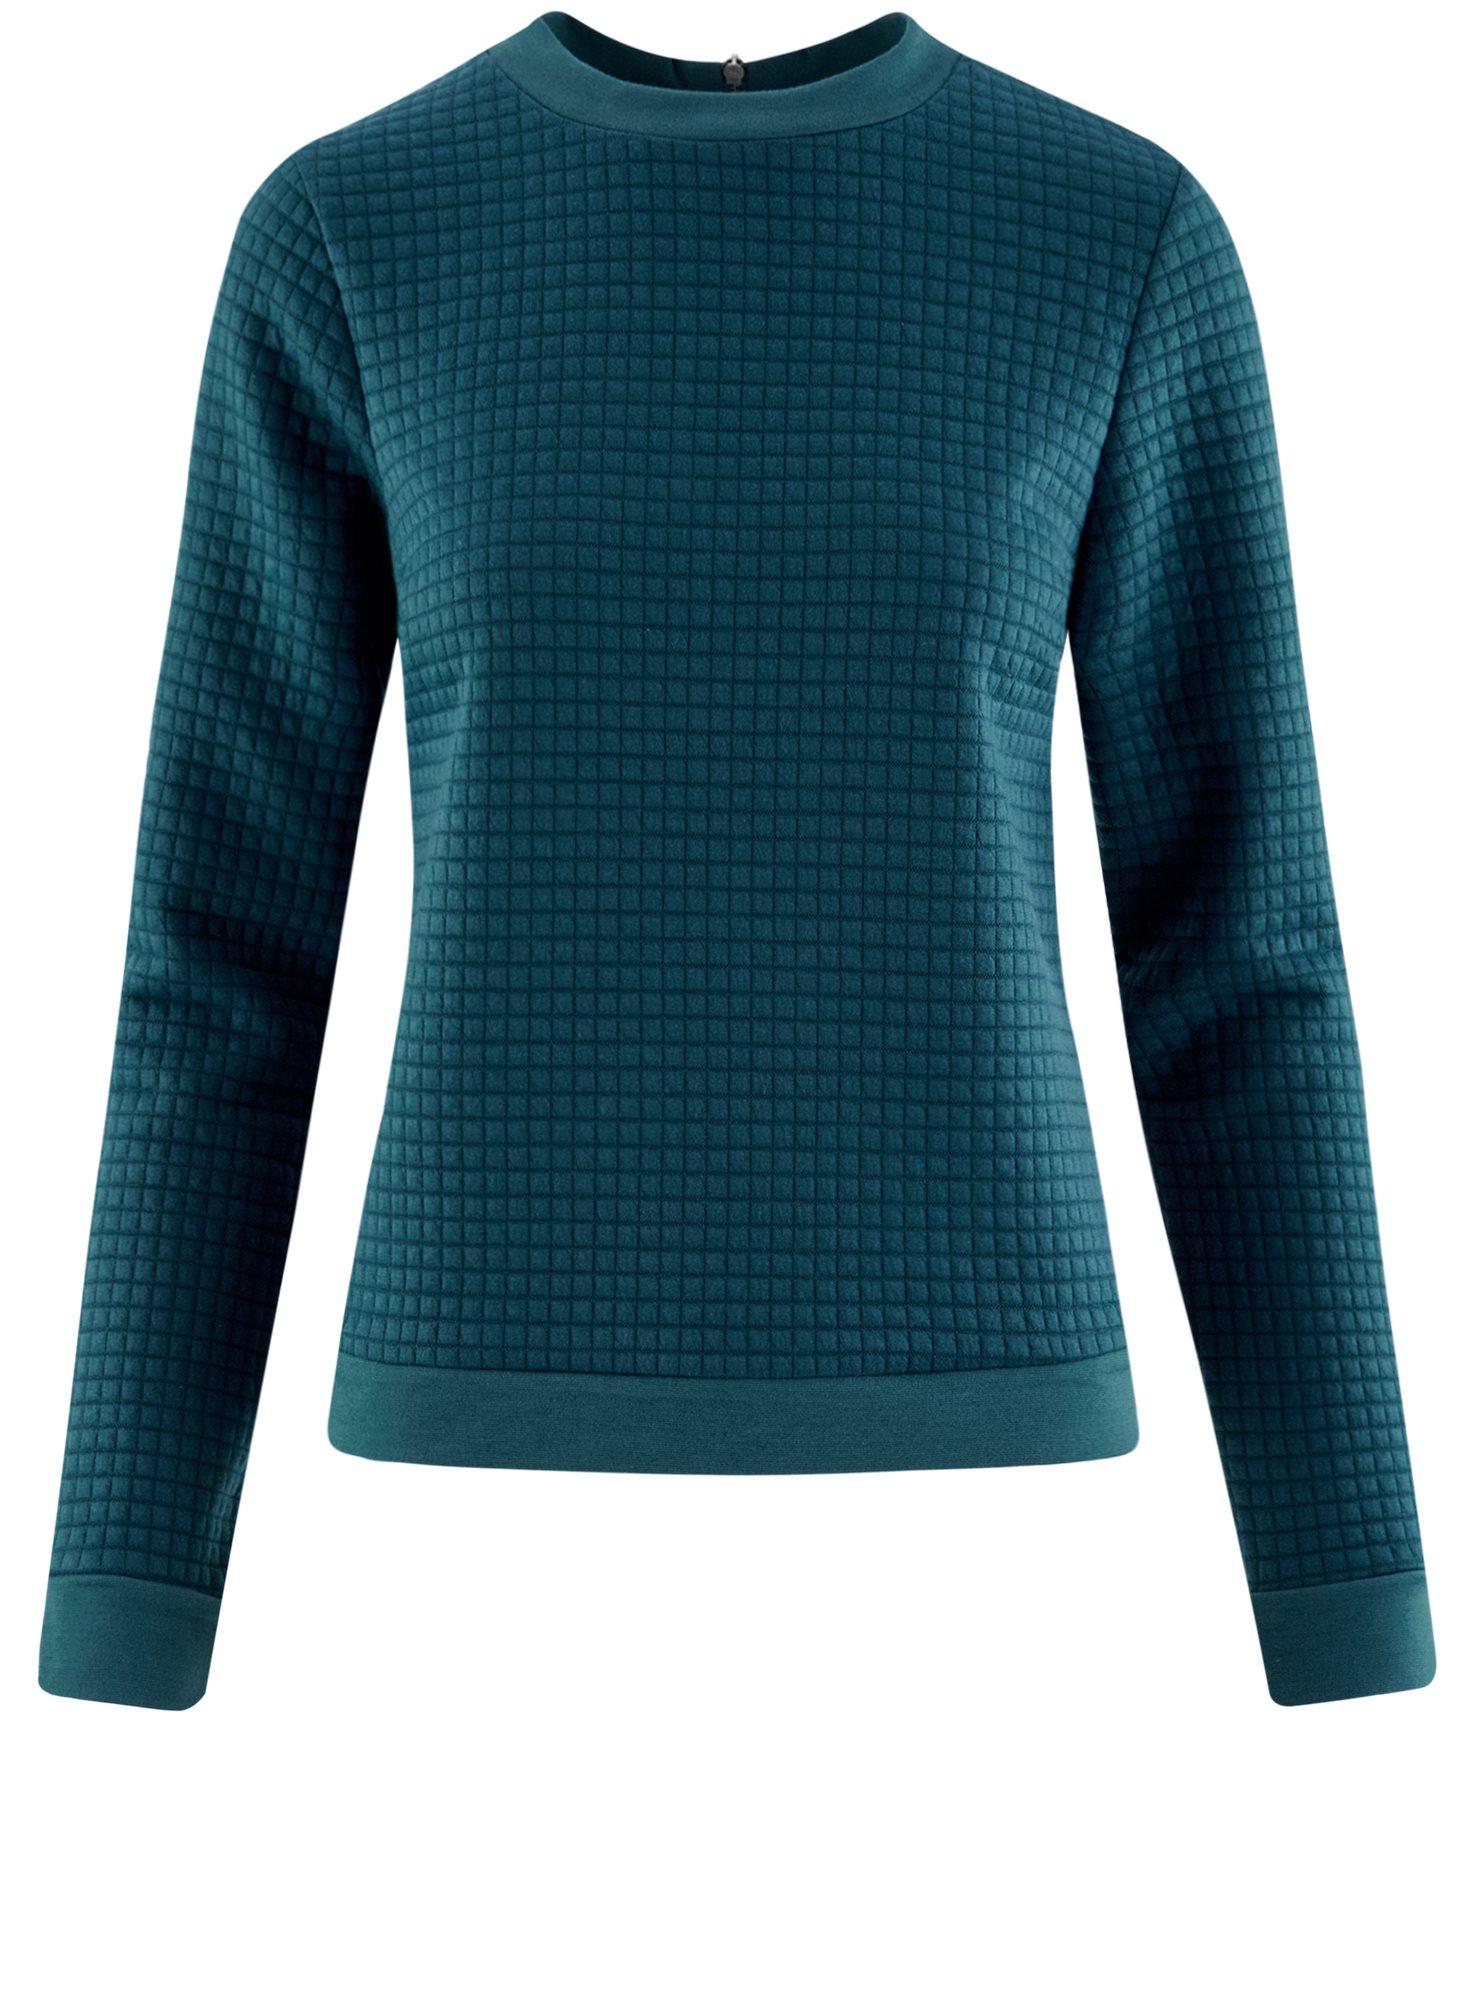 Свитшот из фактурной ткани с молнией на спине oodji для женщины (зеленый), 14801046/45949/6C00N